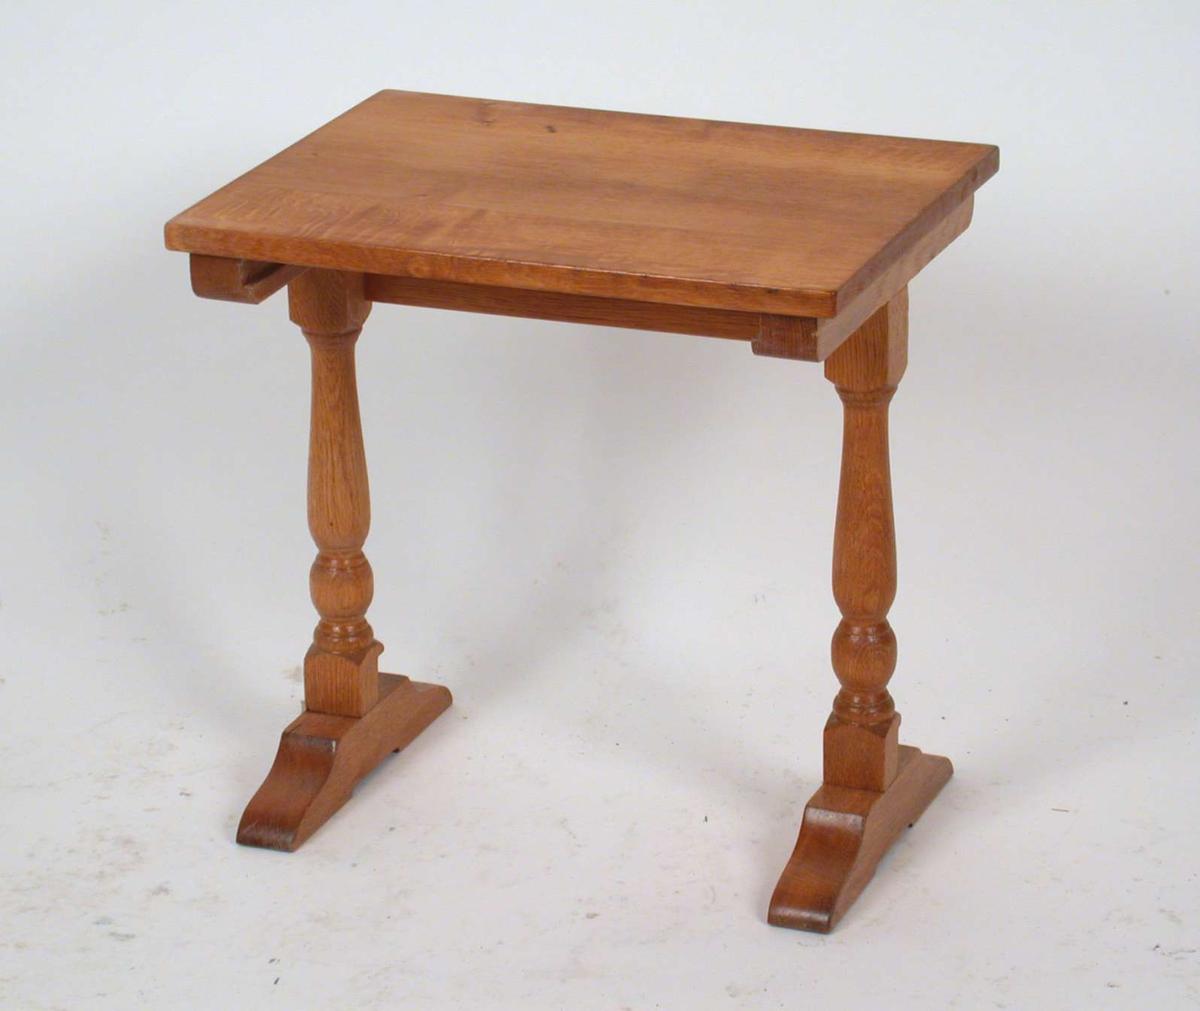 Settbord med dreide ben. Materialet er eik. Dette bordet er det mellomste av tre bord.